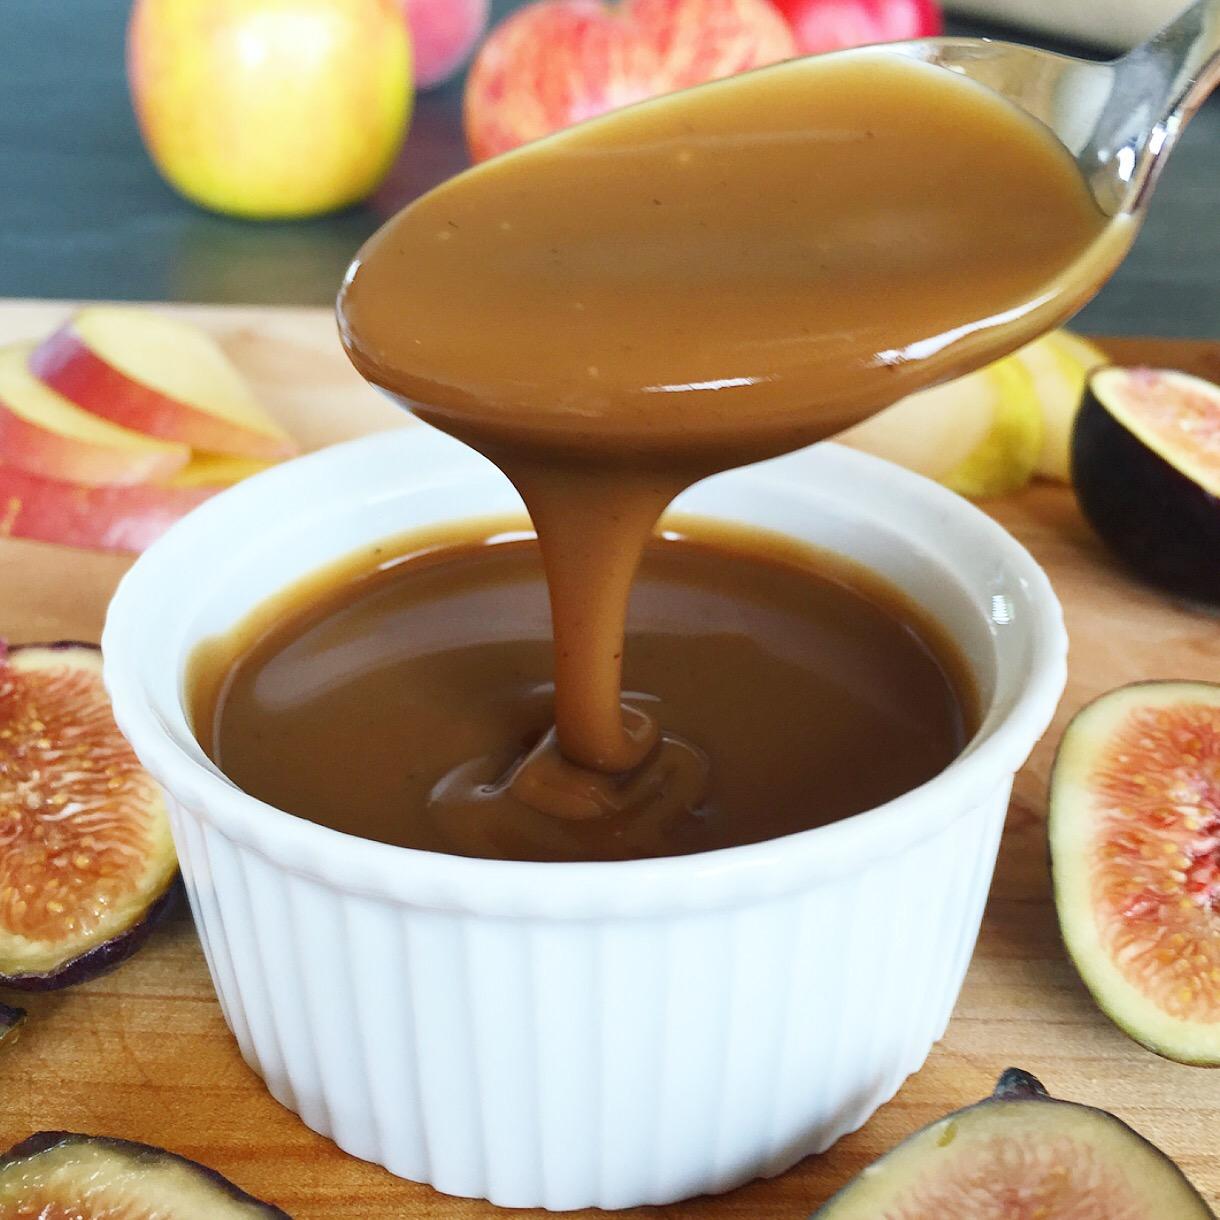 Spiced Coconut Dulce de Leche Vegan Caramel Sauce